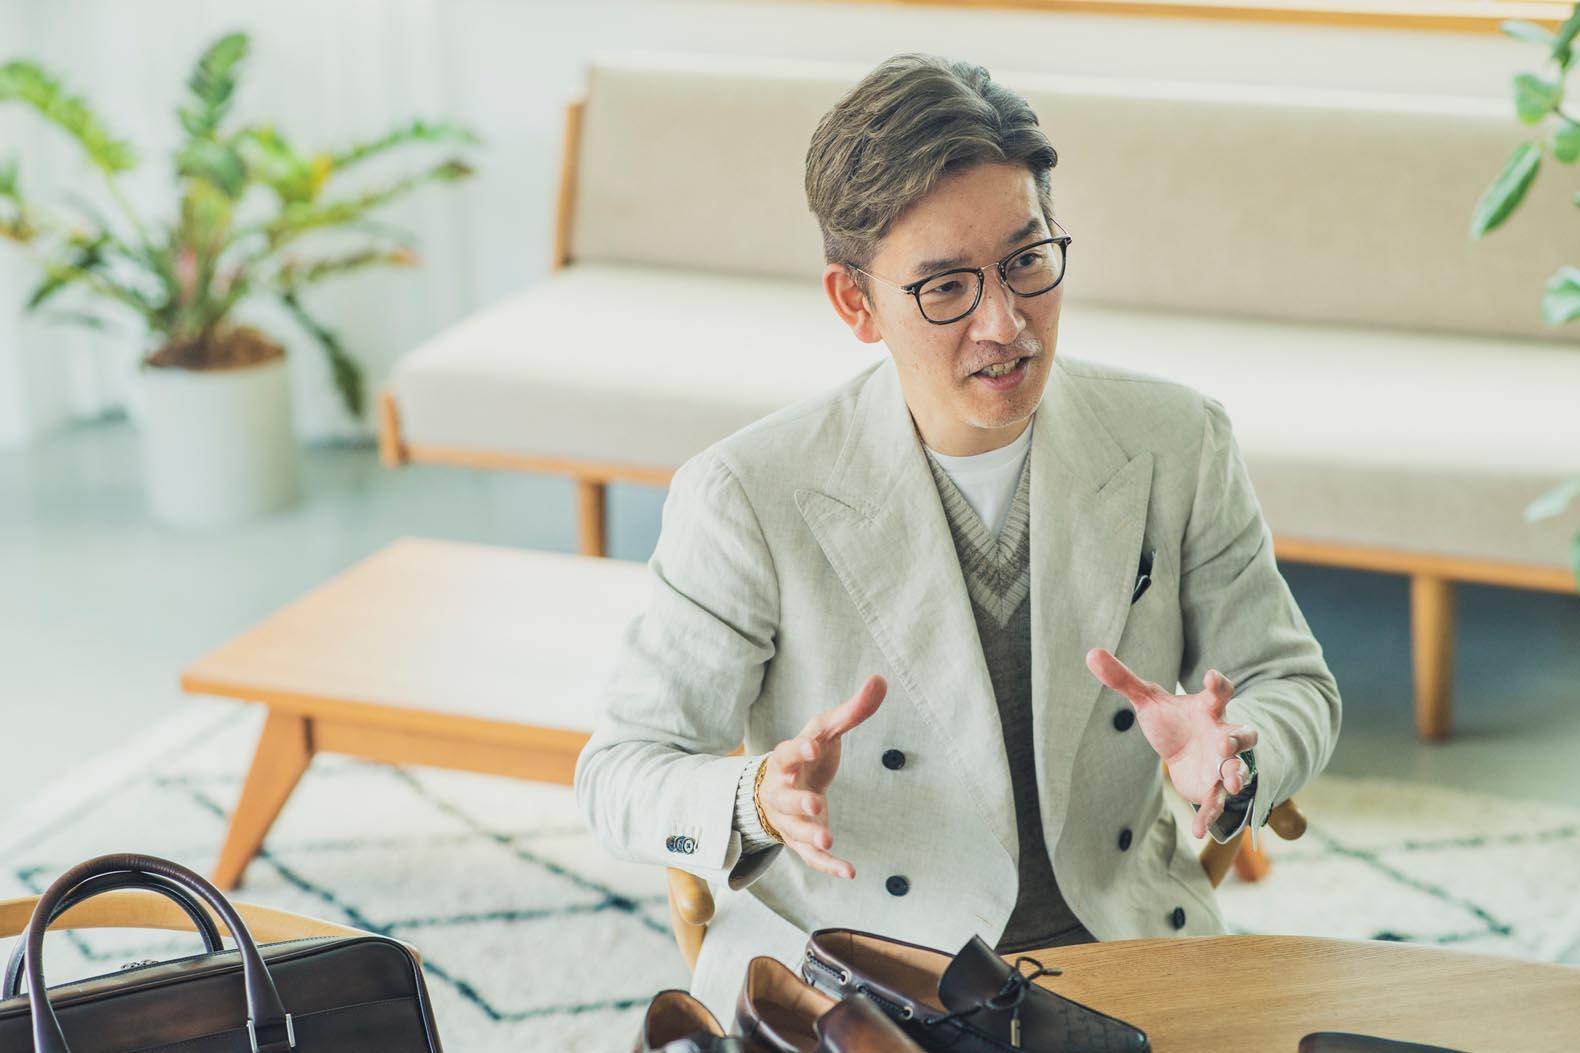 菅原靴店が贈る 「雨ニモマケズ」 の精神性